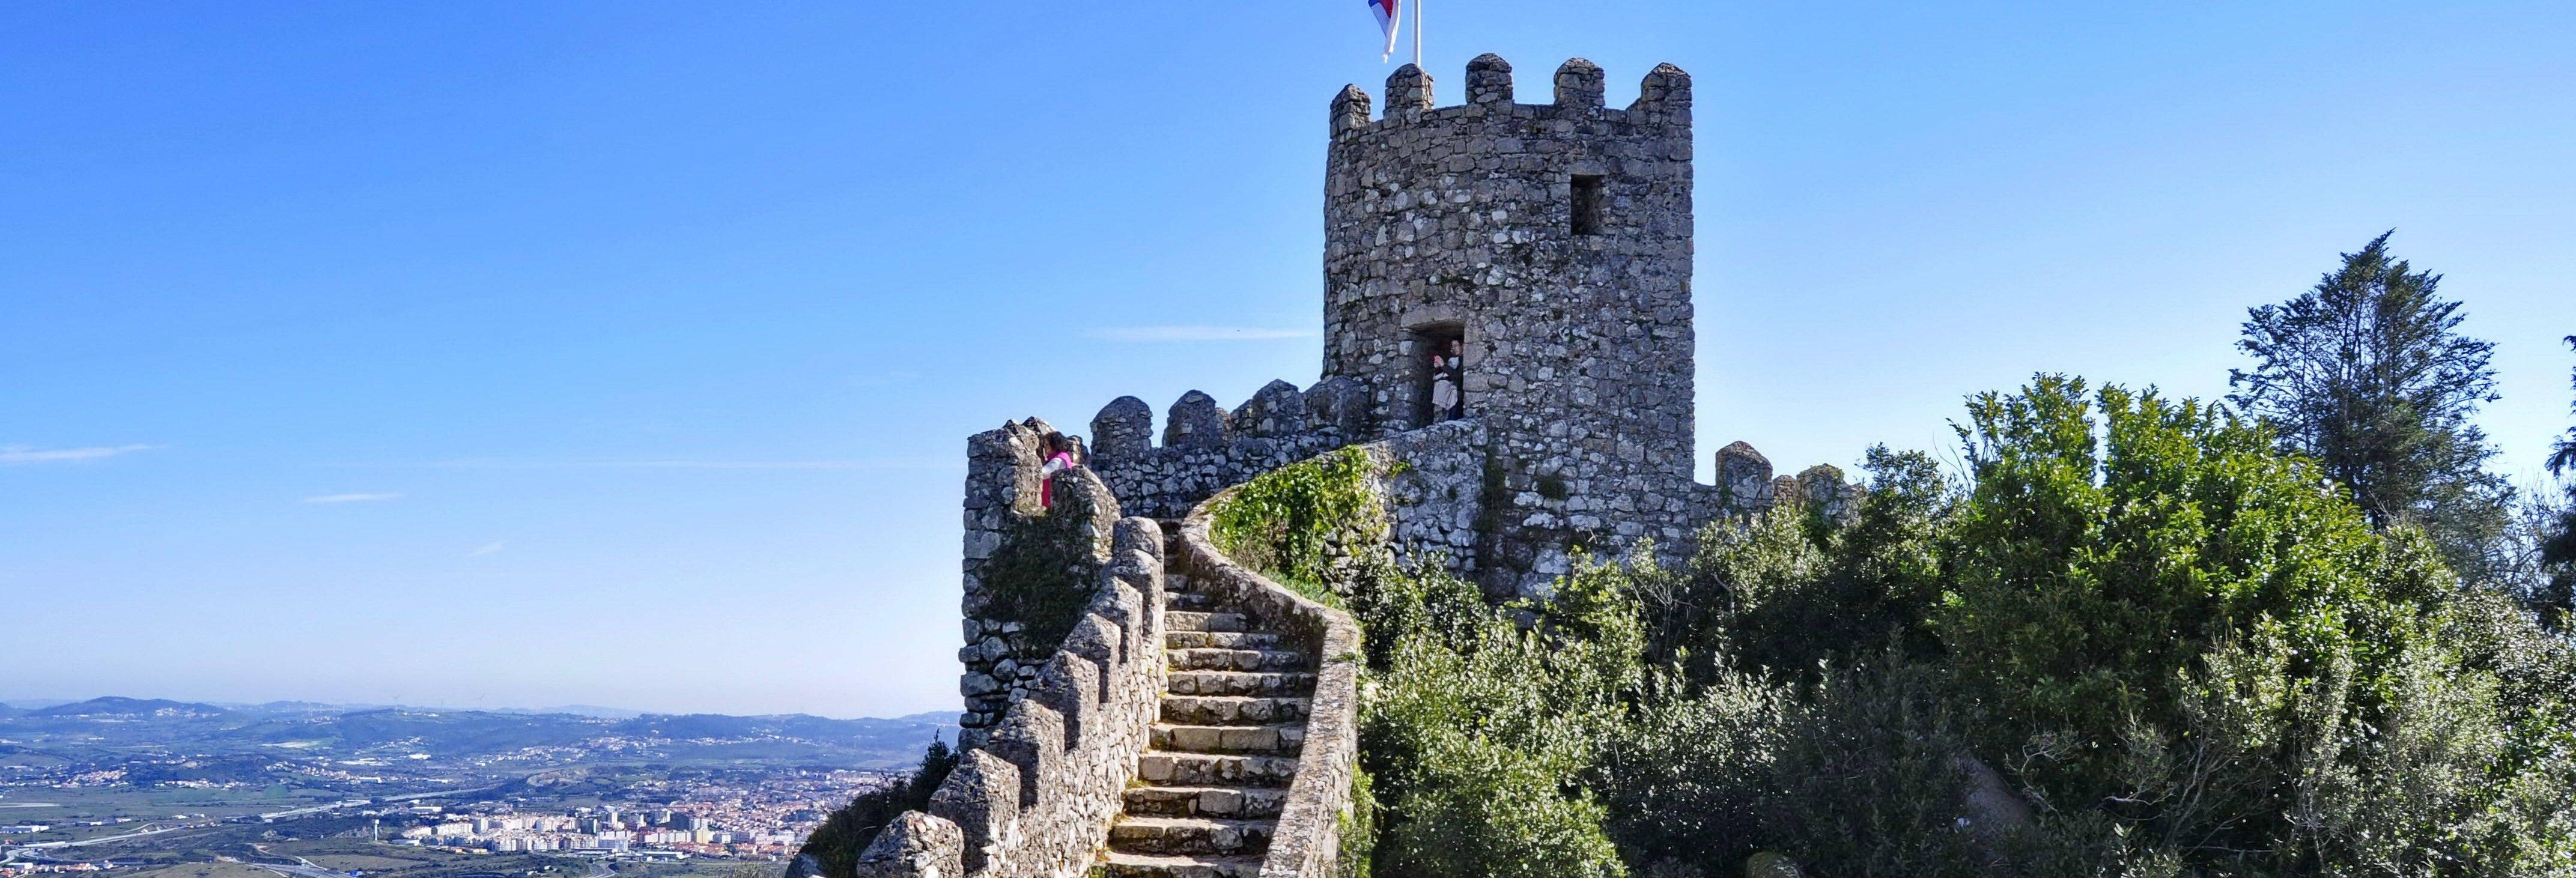 Entrada al Castelo dos Mouros